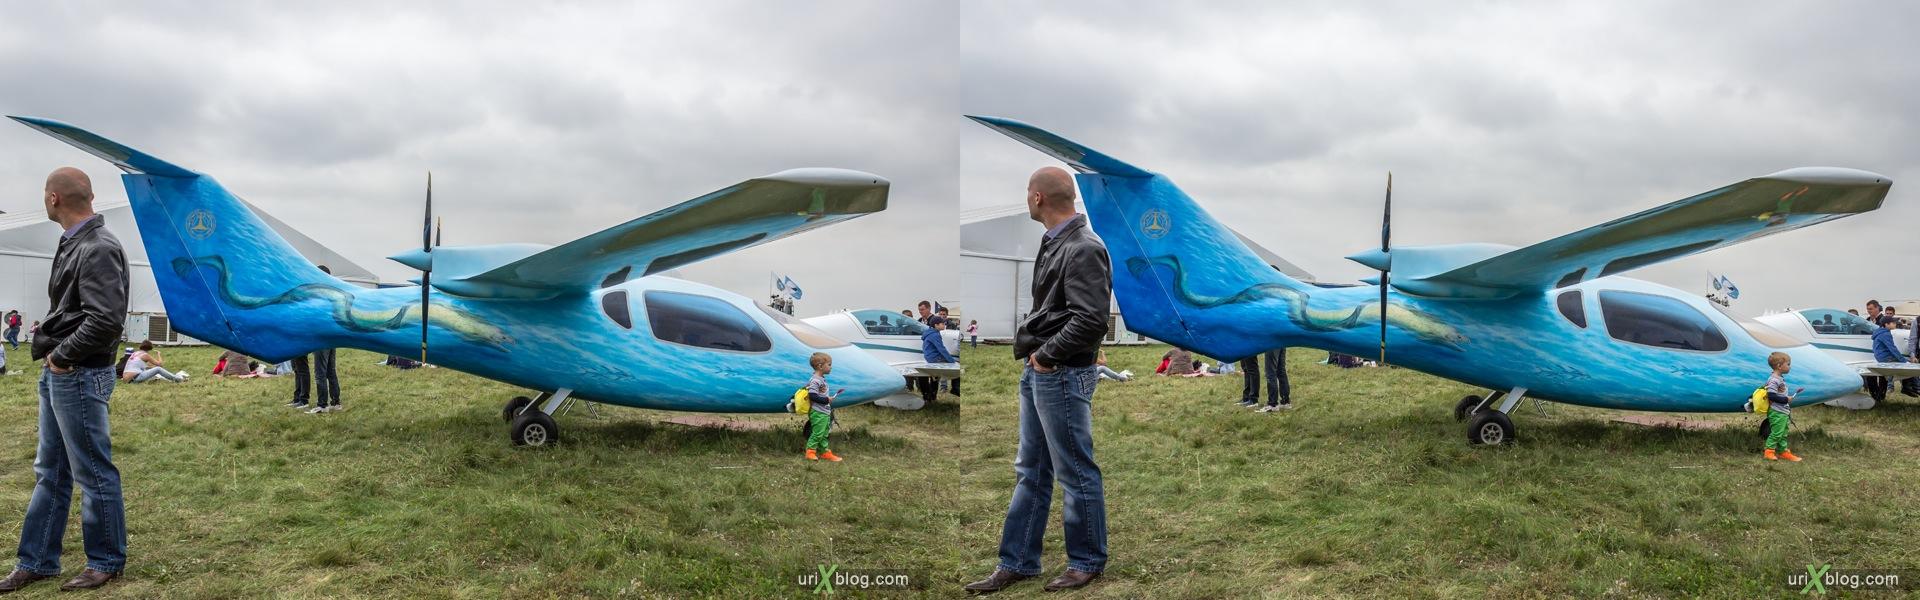 2013, МВЕН-3 Мурена, Россия, Раменское, Жуковский, аэродром, самолёт, экспозиция, МАКС, Международный Авиационно-космический Салон, 3D, перекрёстная стереопара, стерео, стереопара